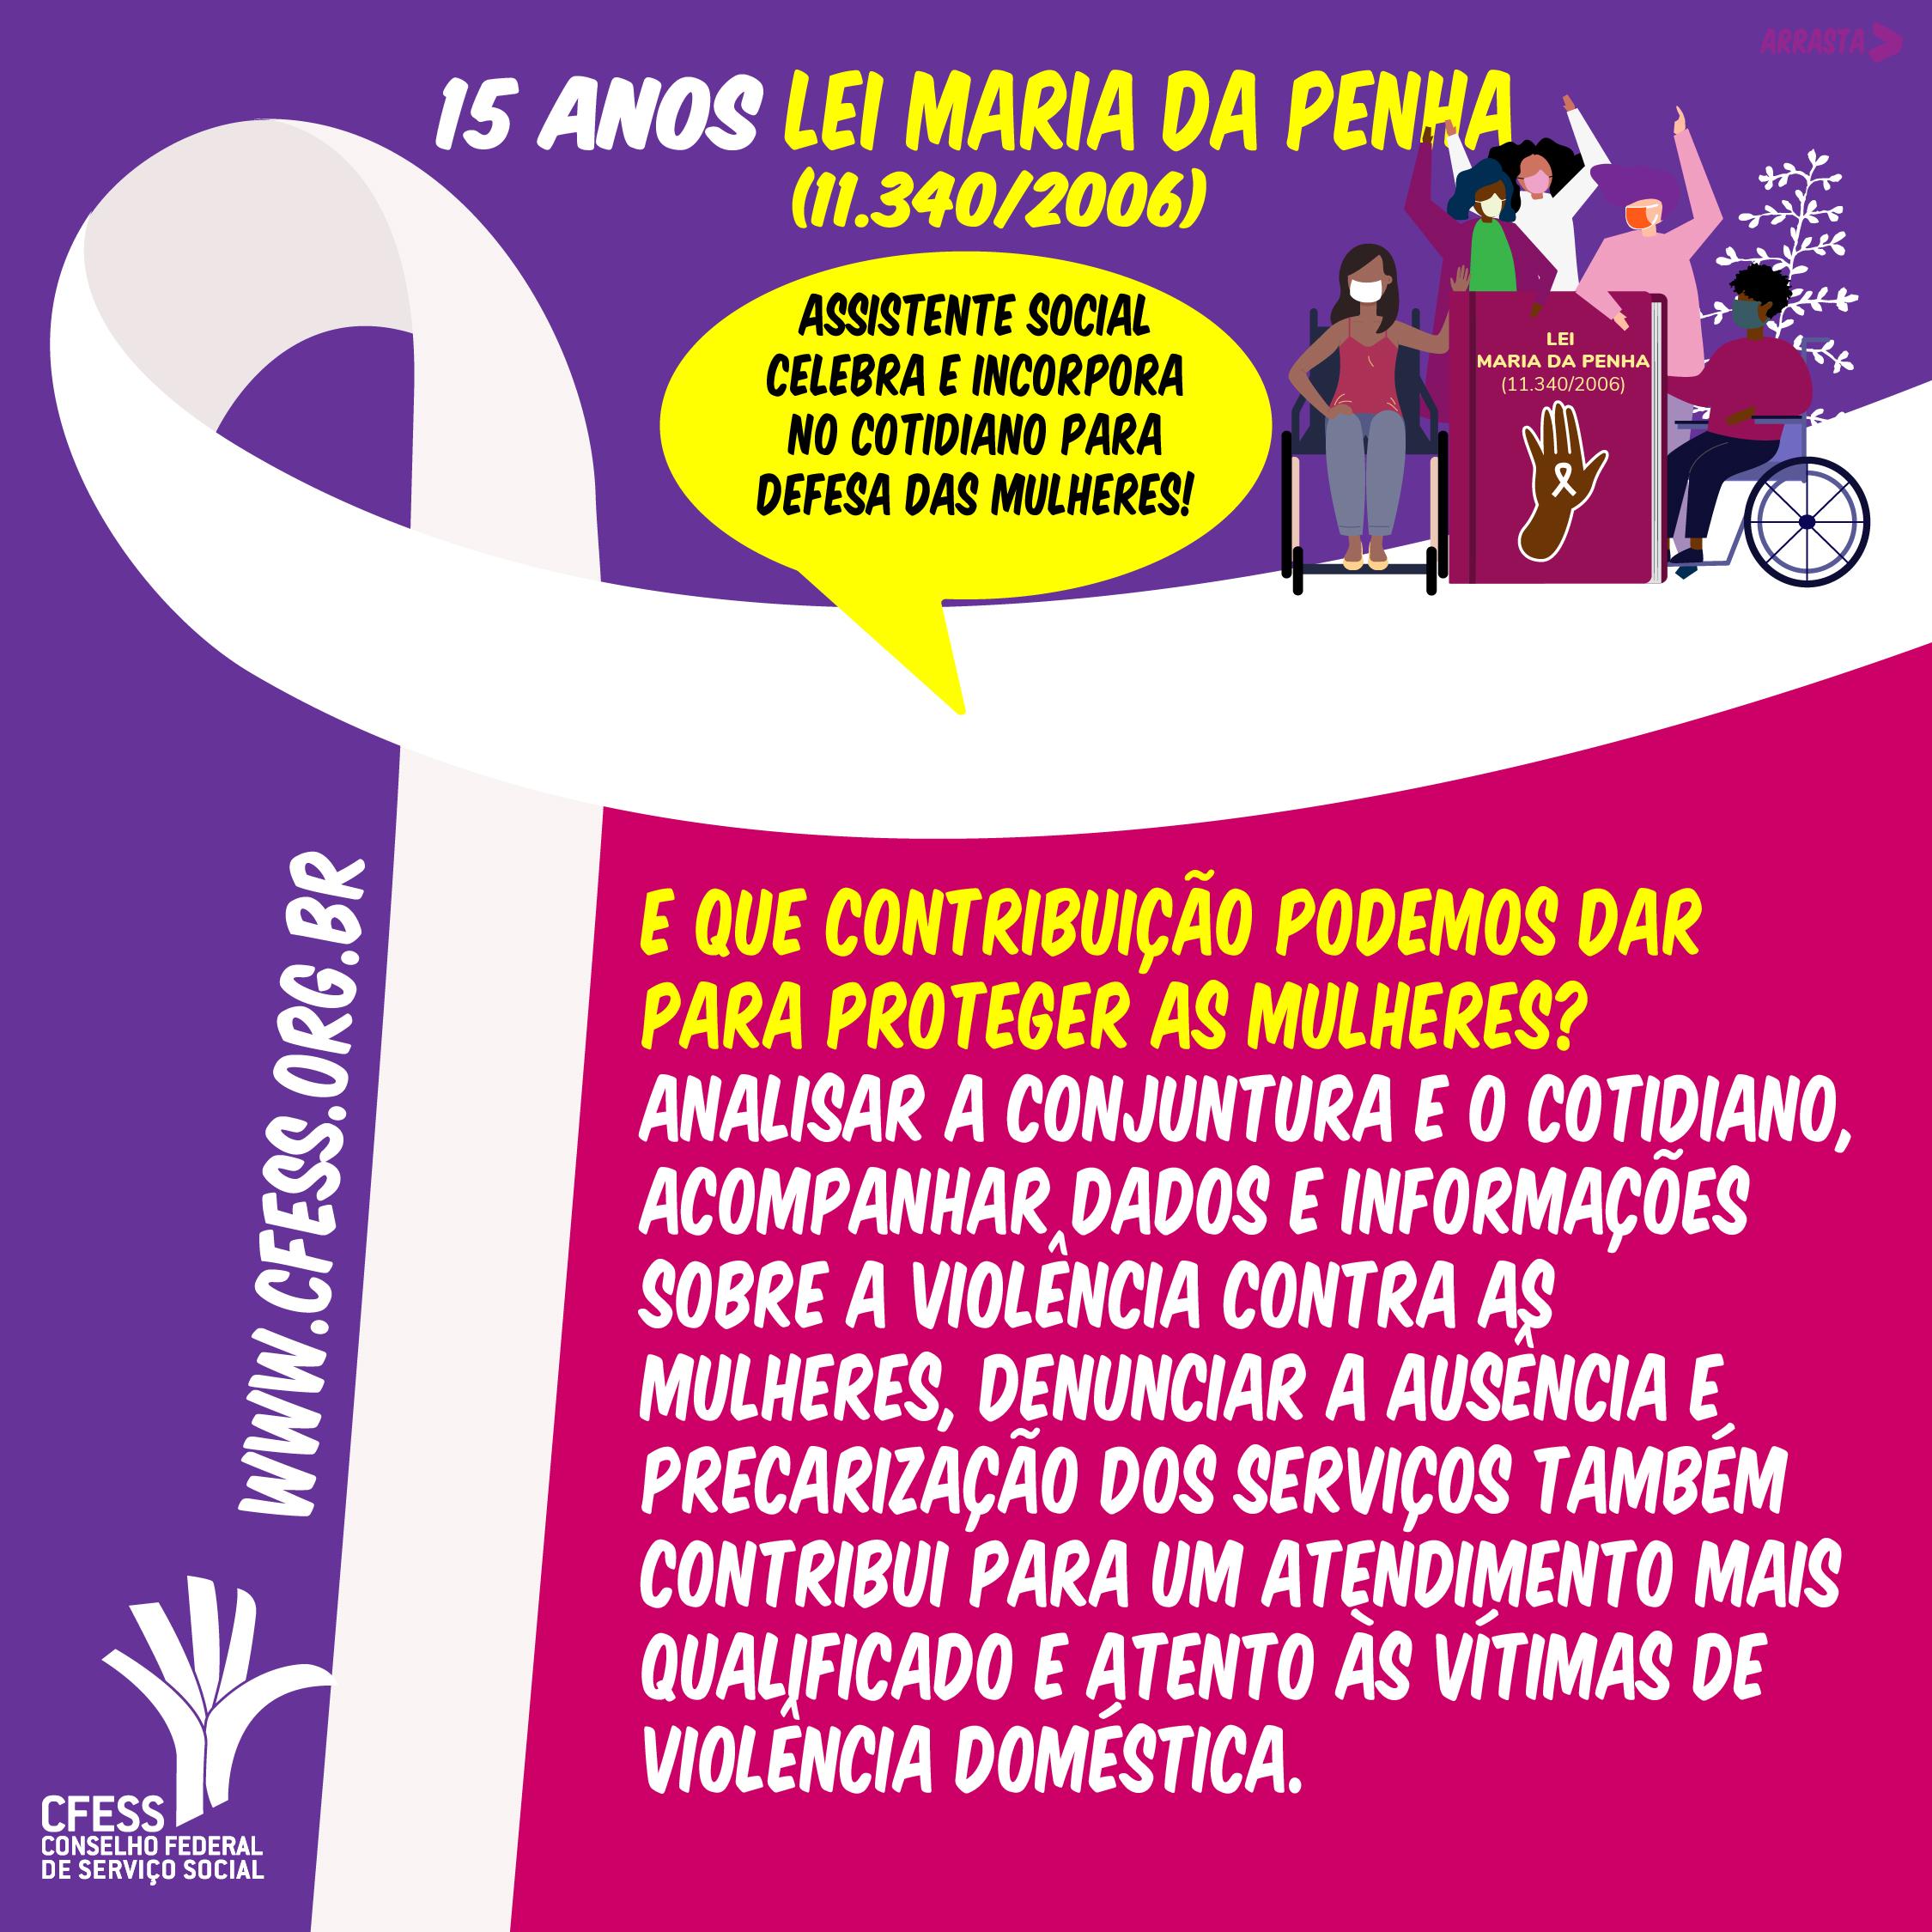 Card roxo e lilás celebra os 15 anos da Lei Maria da Penha. Um laço branco símbolo da luta contra a violência corta a imagem. Mulheres negras, brancas, com deficiência abraçam a lei. Em seguida, o texto.